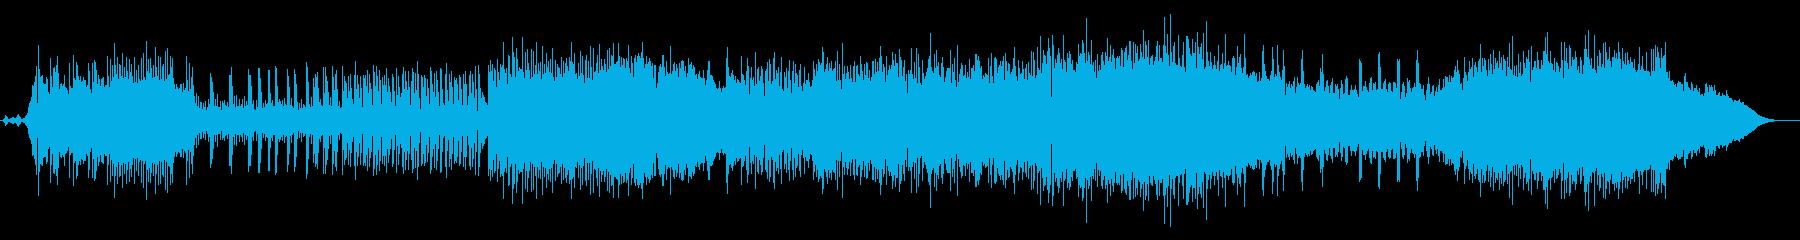 疾走感のあるテンポの速いロックサウンドの再生済みの波形